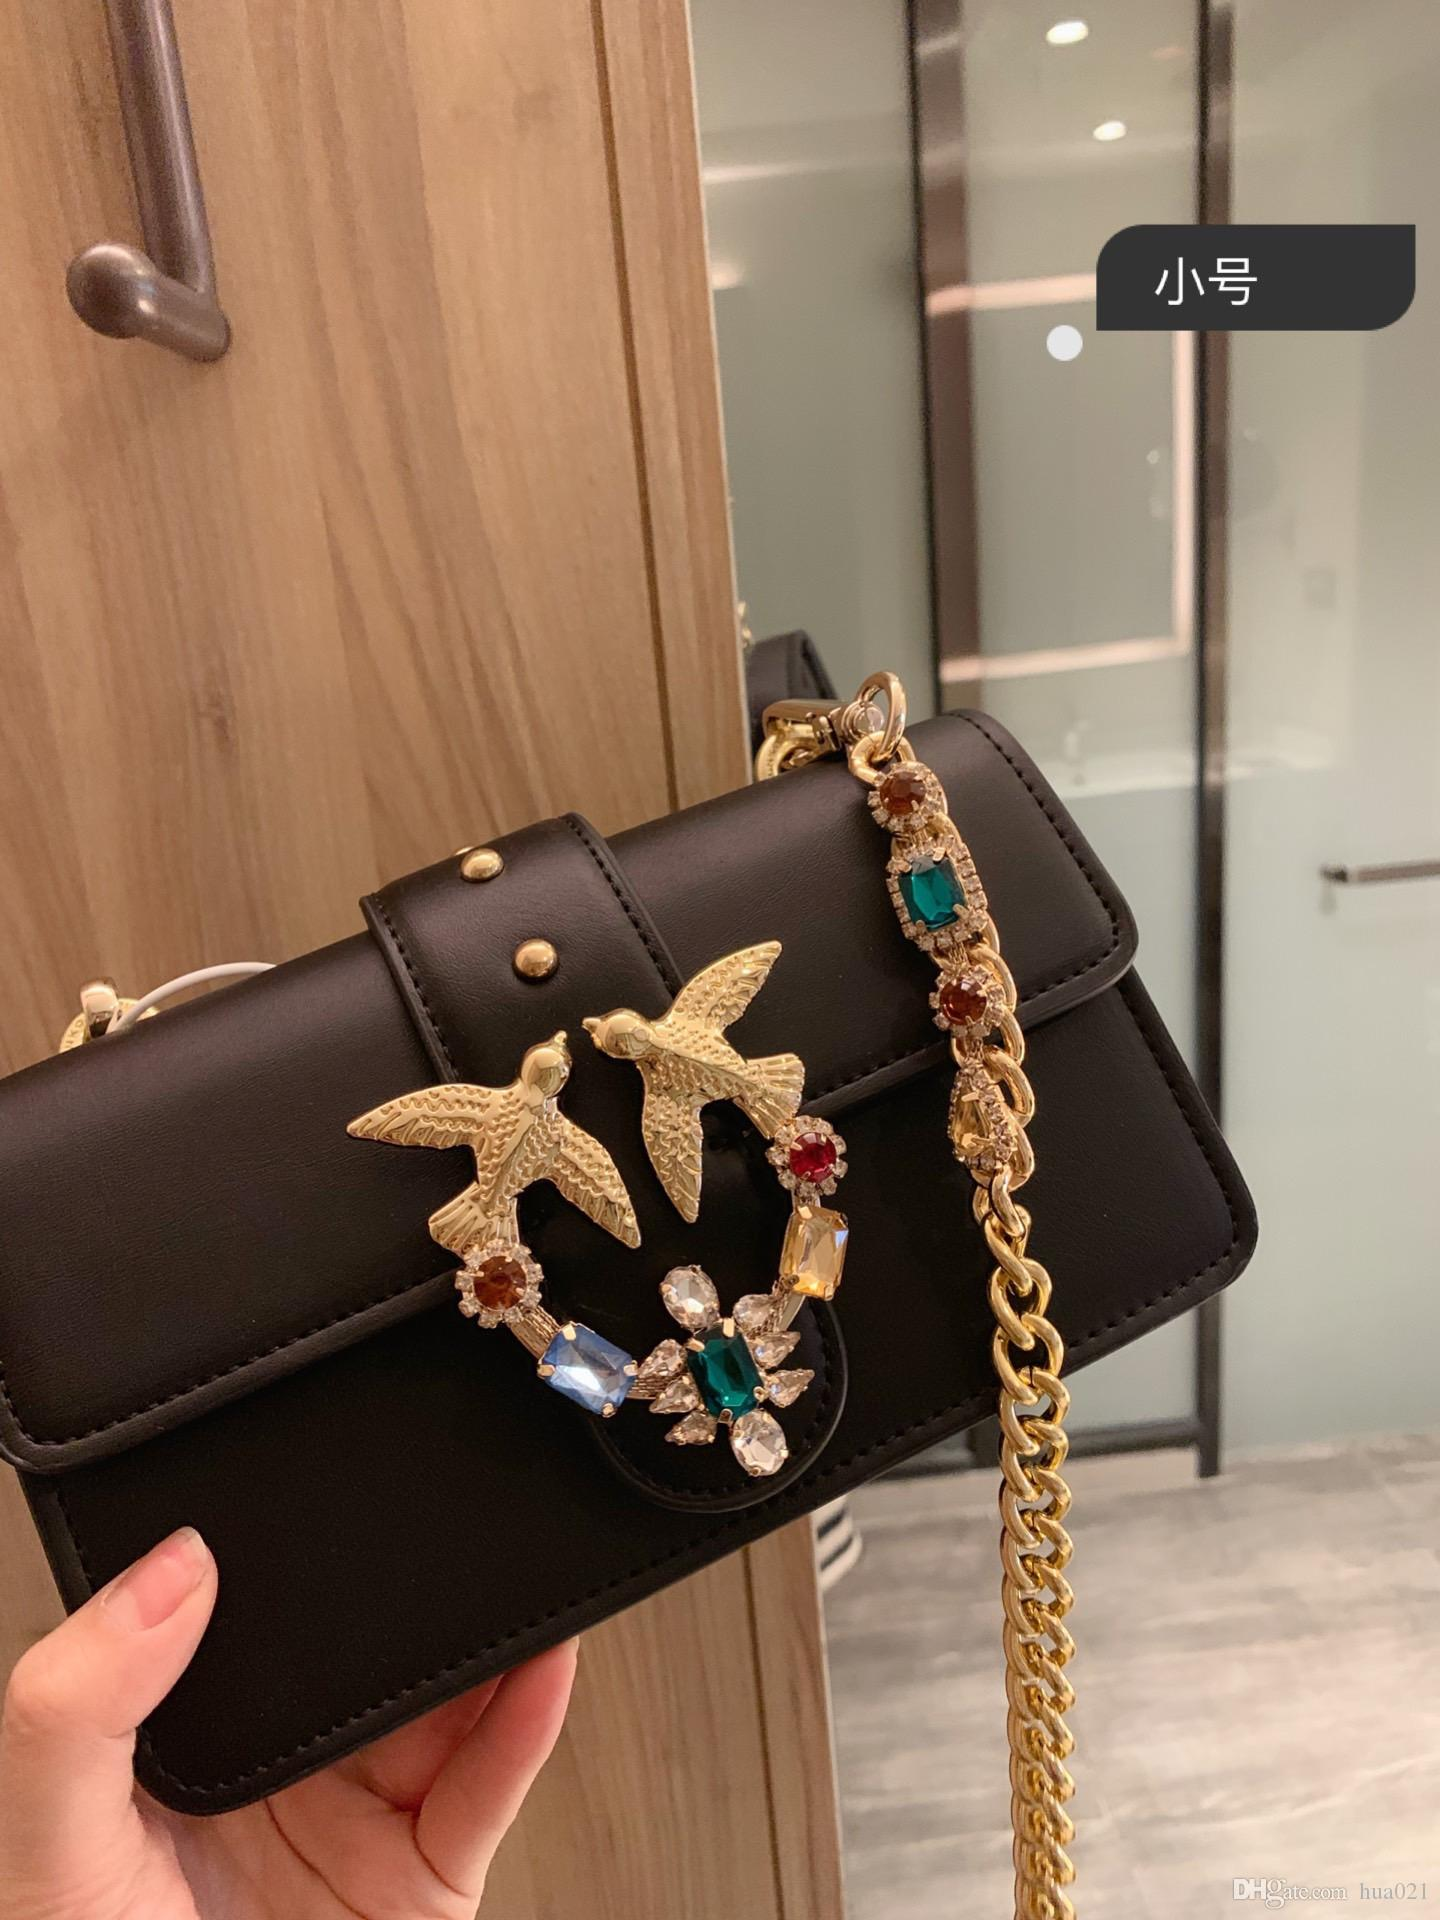 Bayanlar çanta, Moda Deri Çanta Omuz çantası, çantayı, postacı çanta, cüzdan, hediye kutusu alışveriş 923501 ambalaj